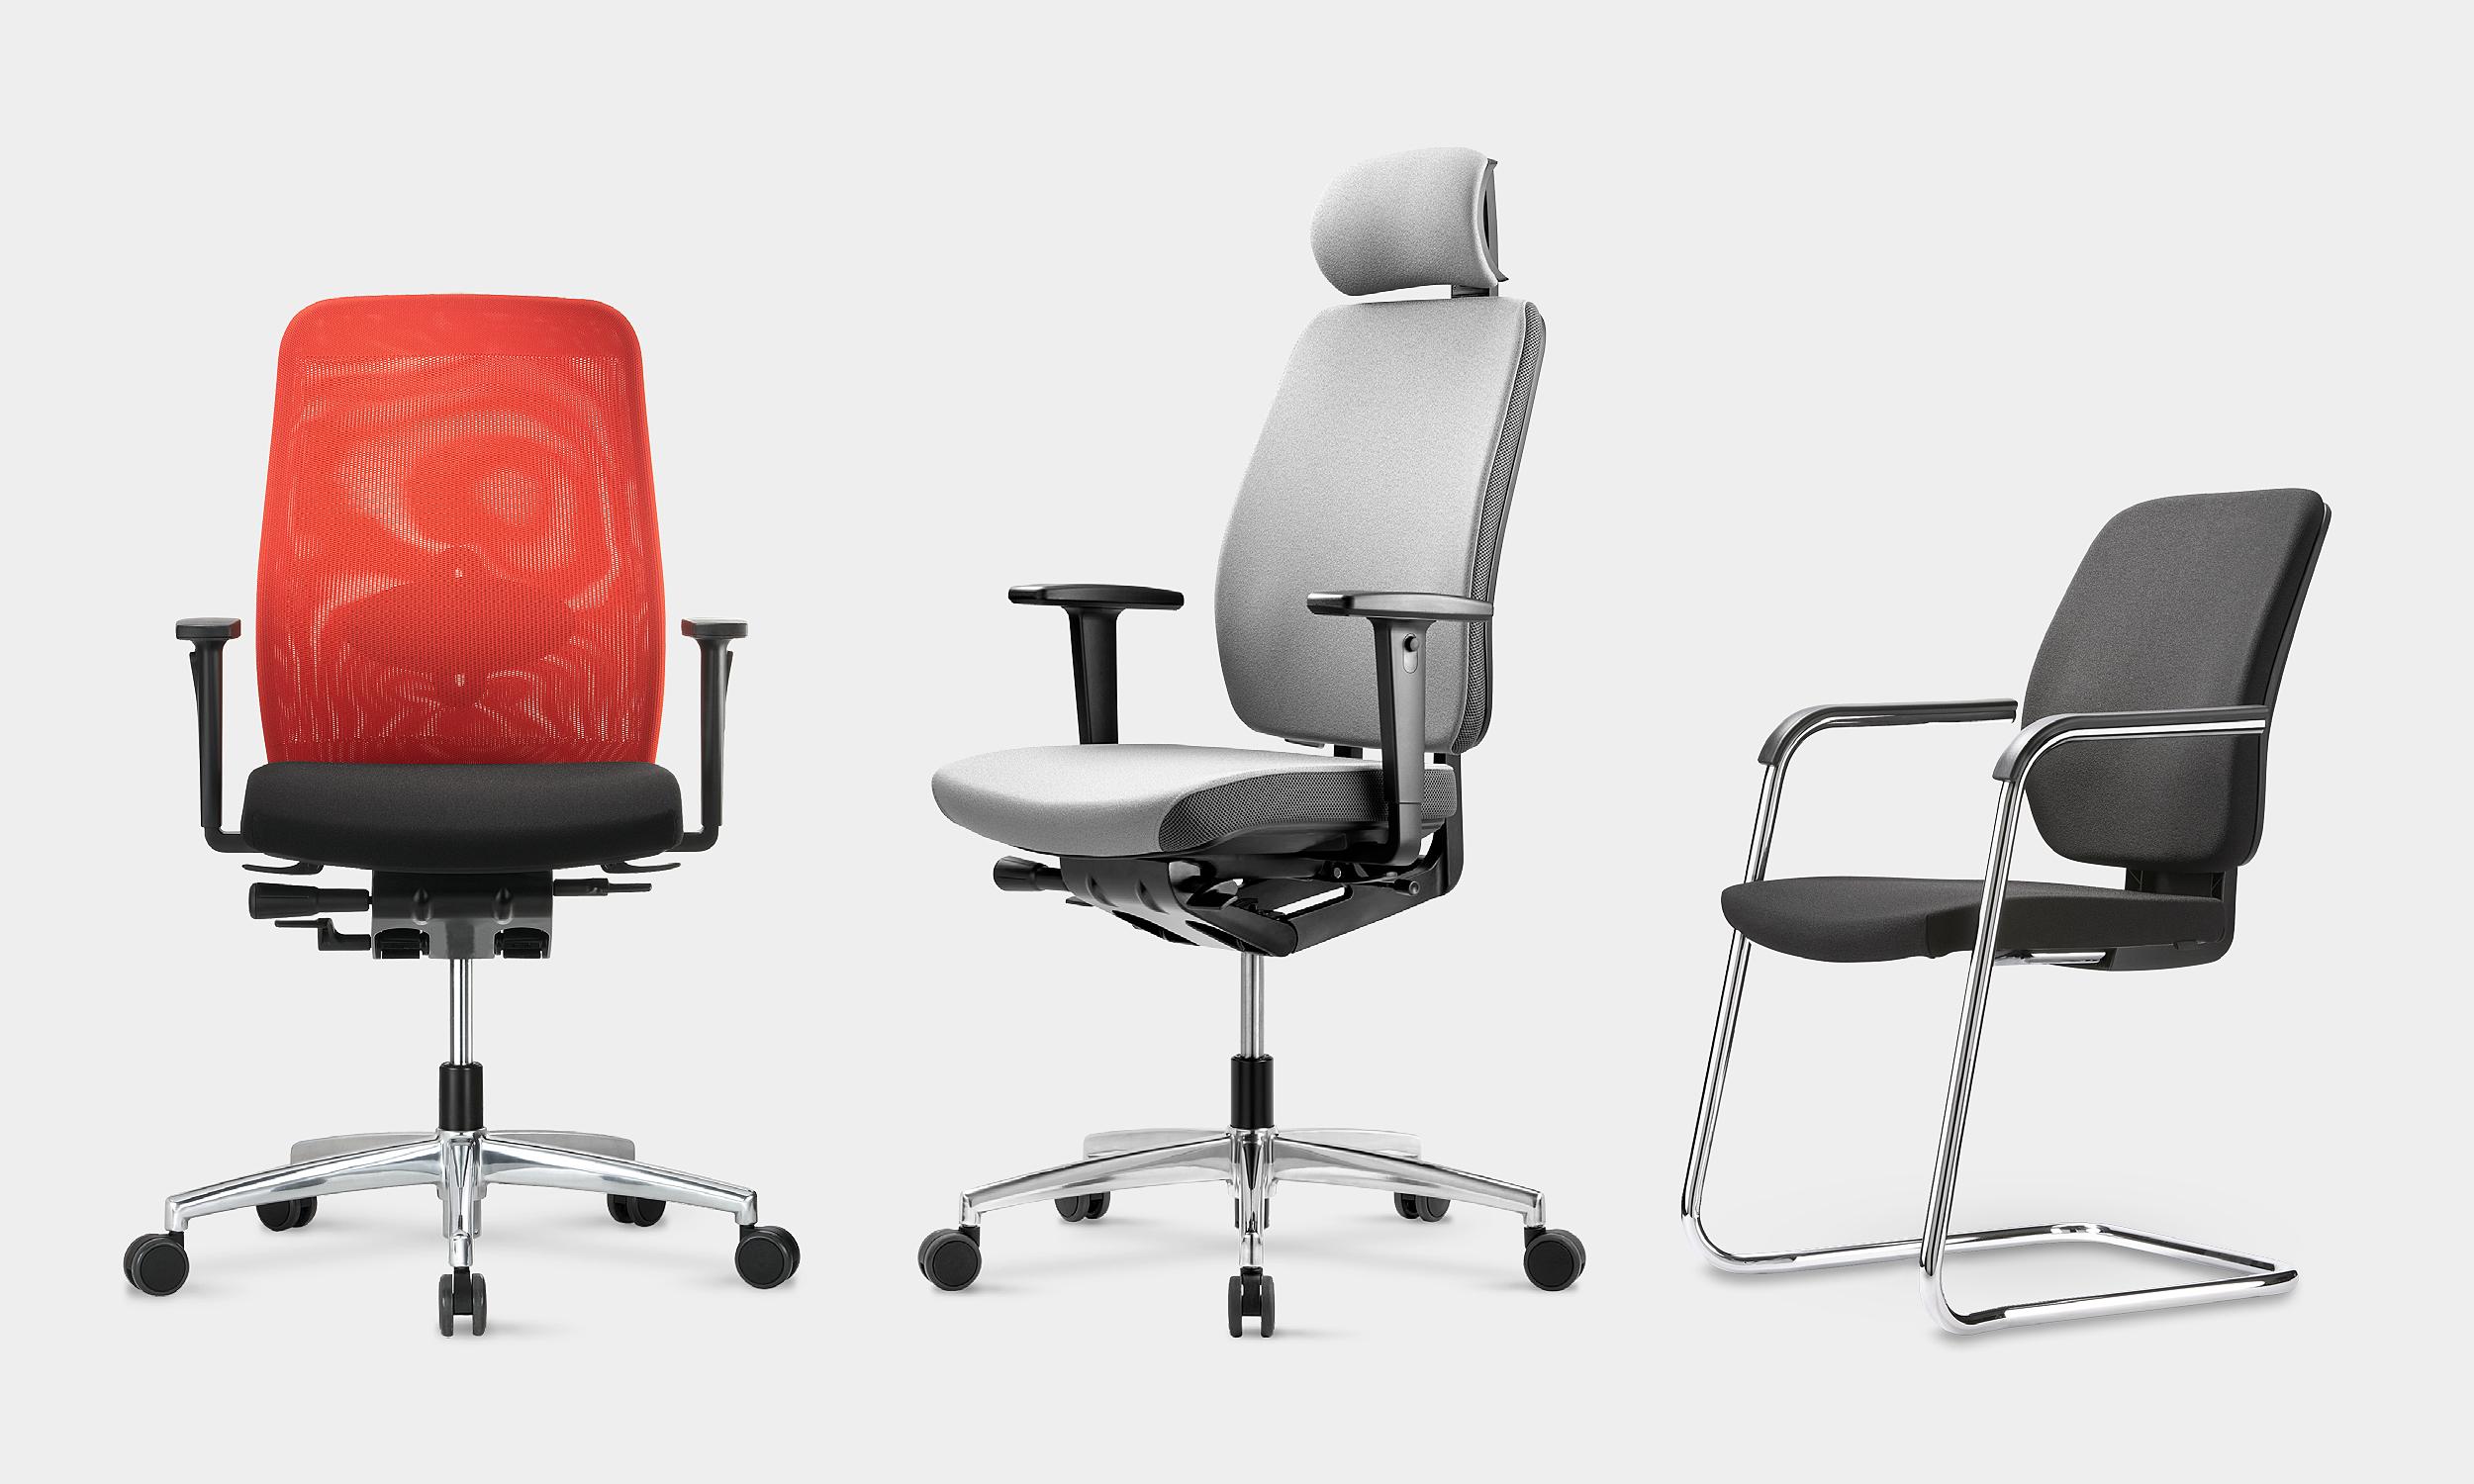 krzesło_GLOBEline01